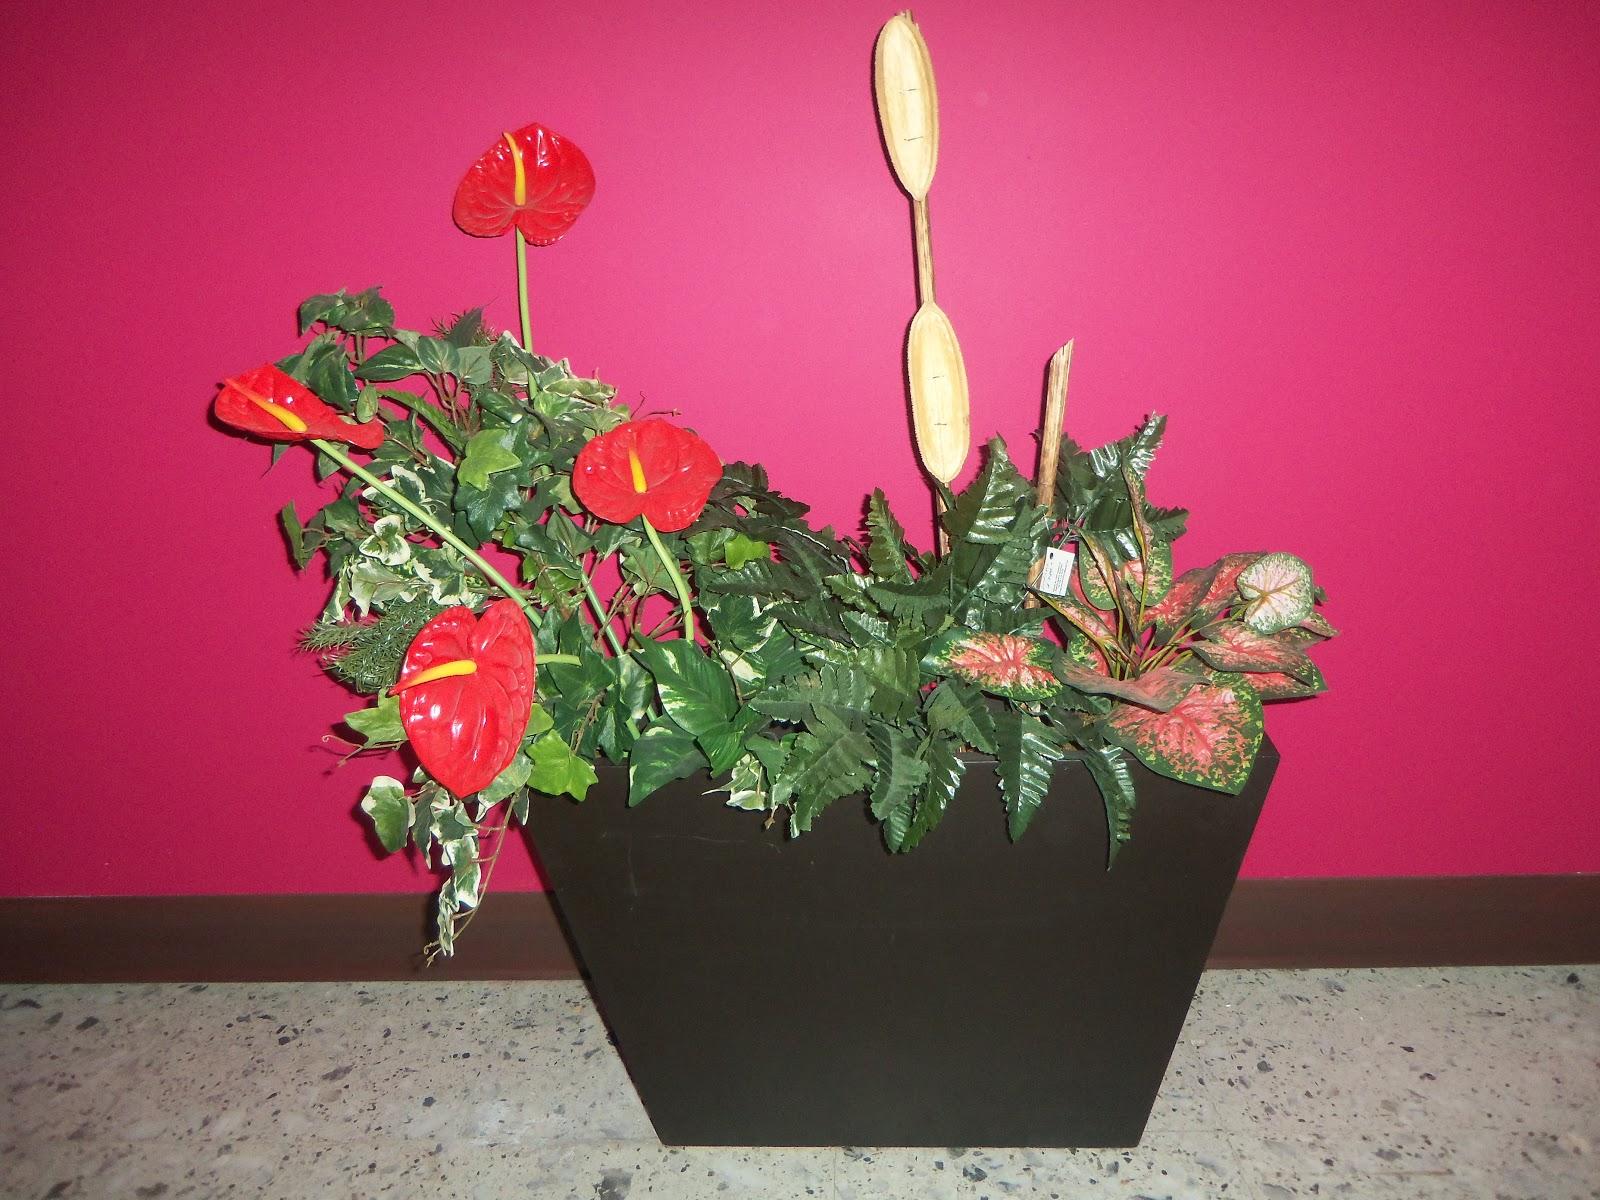 Flores e interiores jardineras para interior for Jardineras para interiores